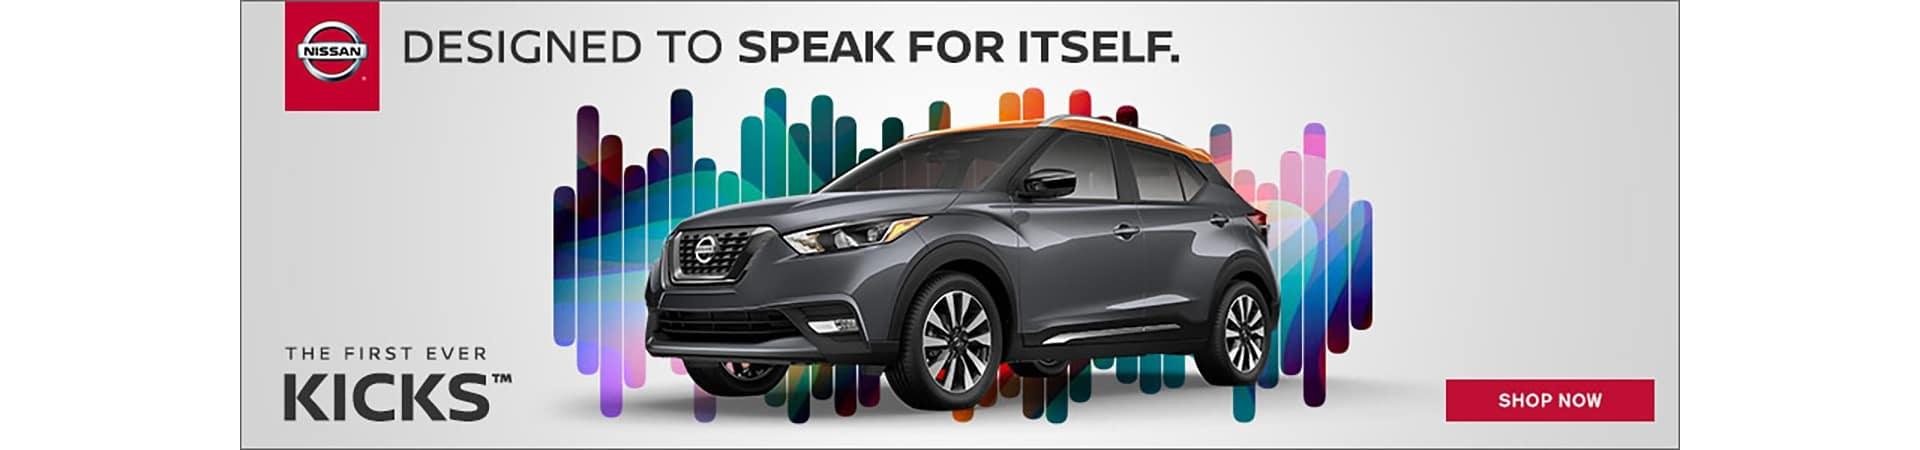 New 2018 Nissan Kicks